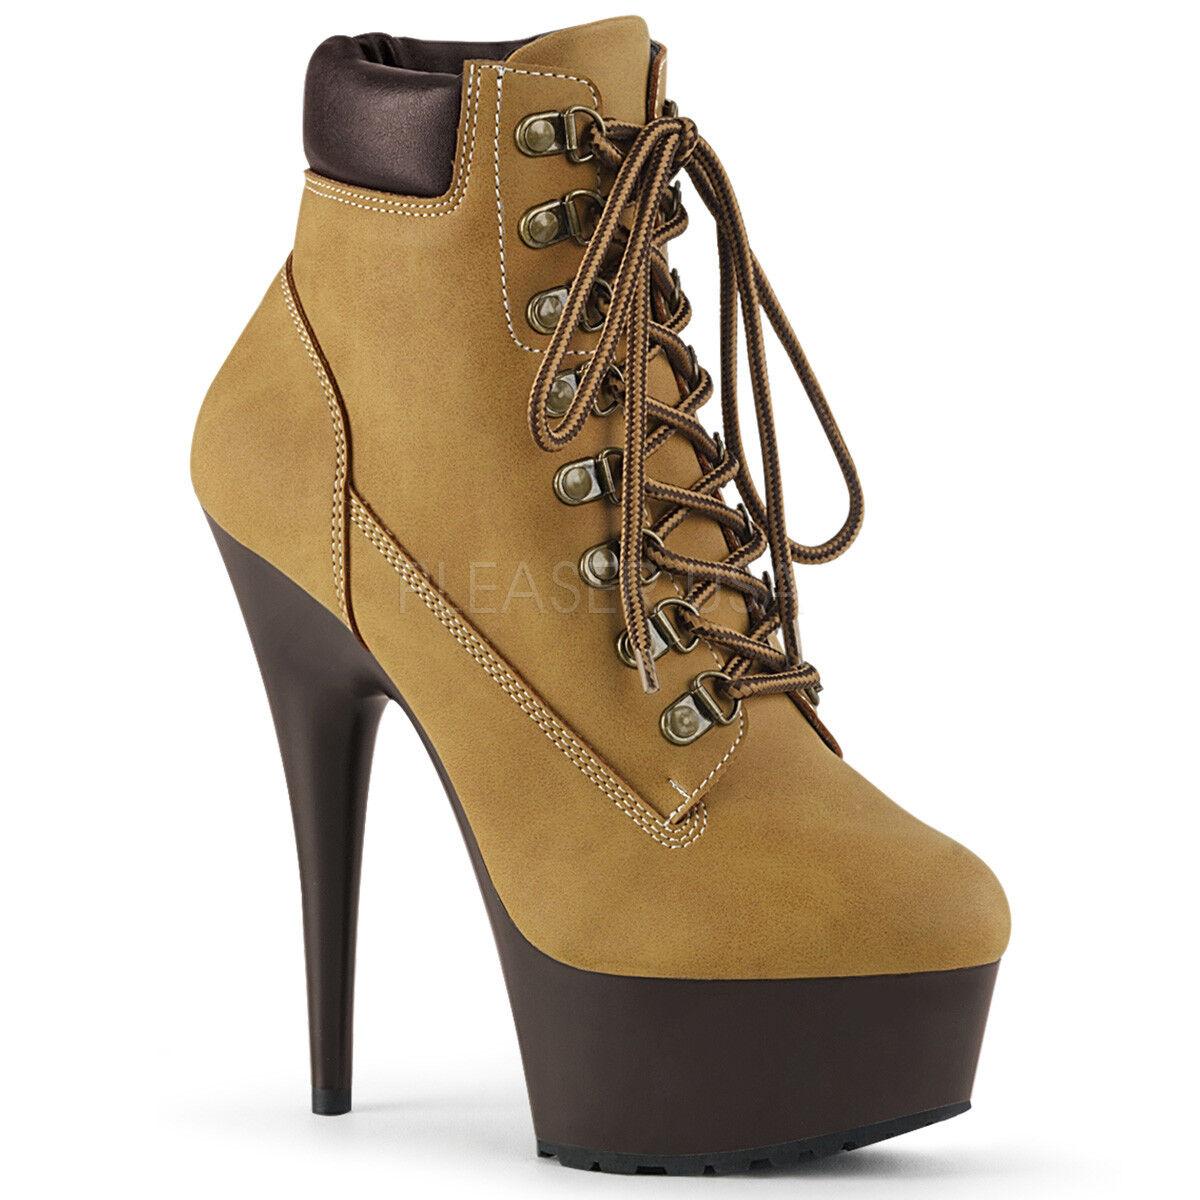 Delicia 600tl-2 Tan Nubuck Estilo de Trabajo 6 6 6  Tacón Alto botas al Tobillo 5-14  tienda de venta